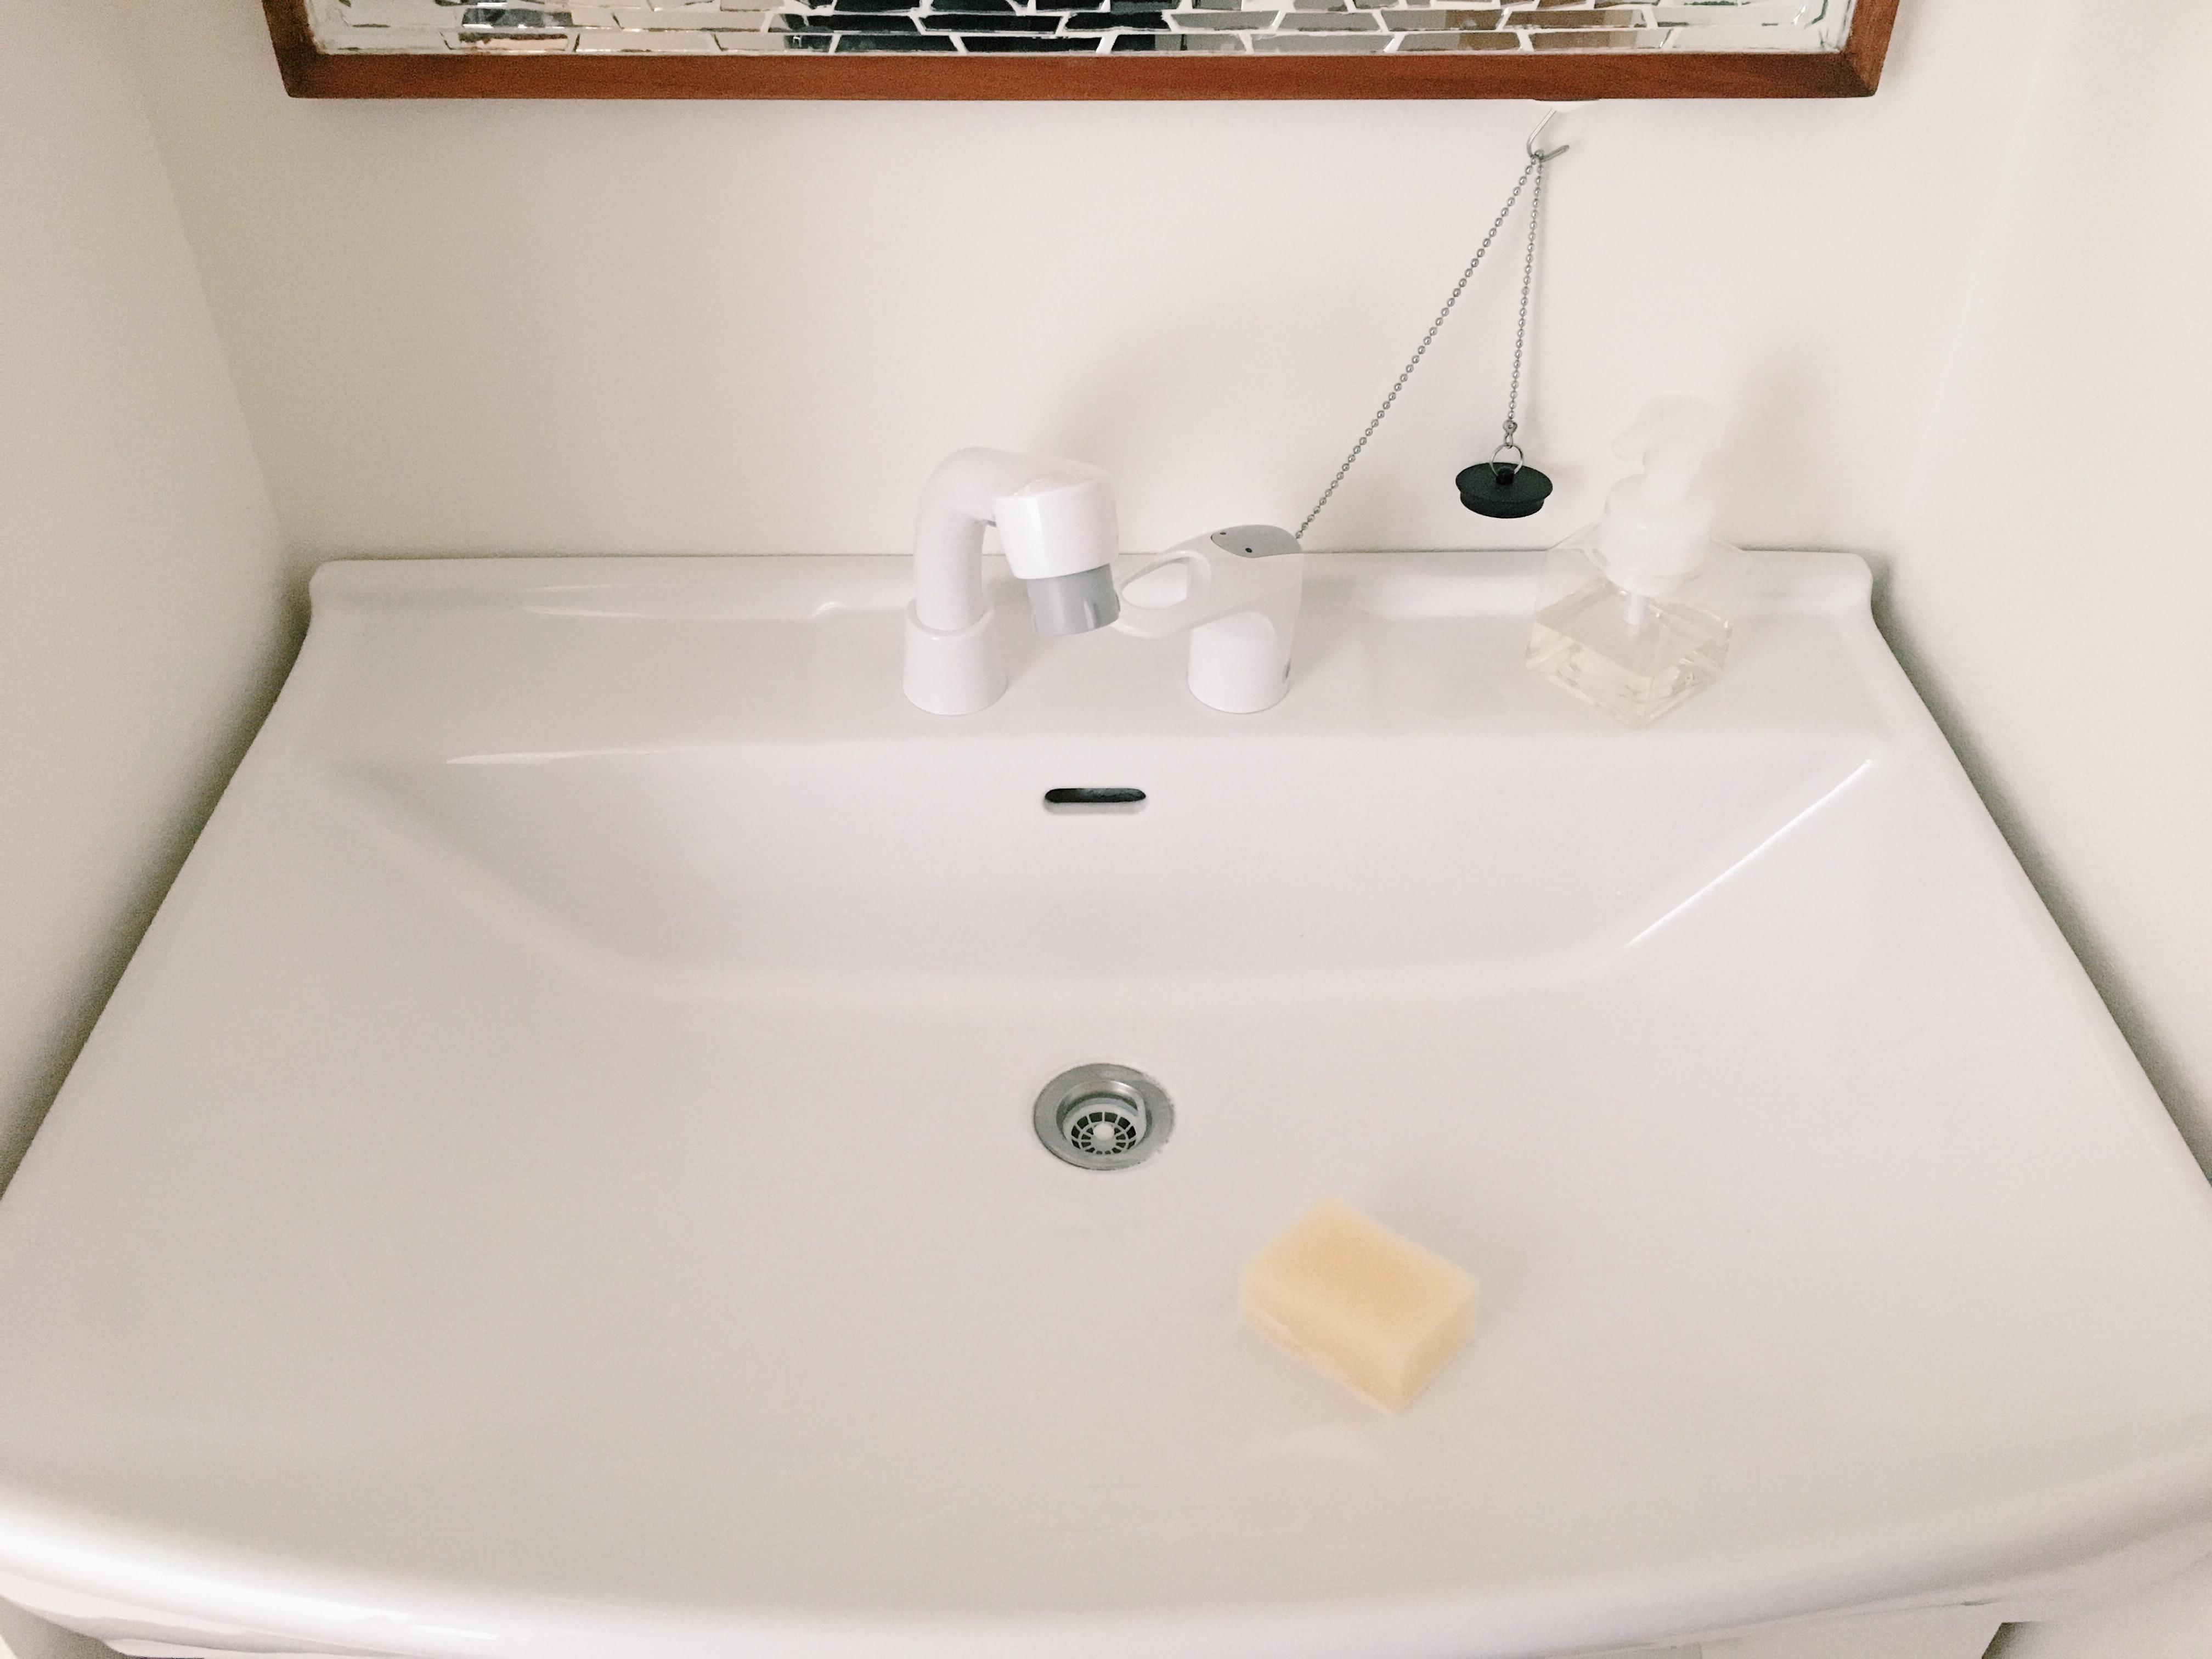 洗面台の中をスポンジで洗っています。